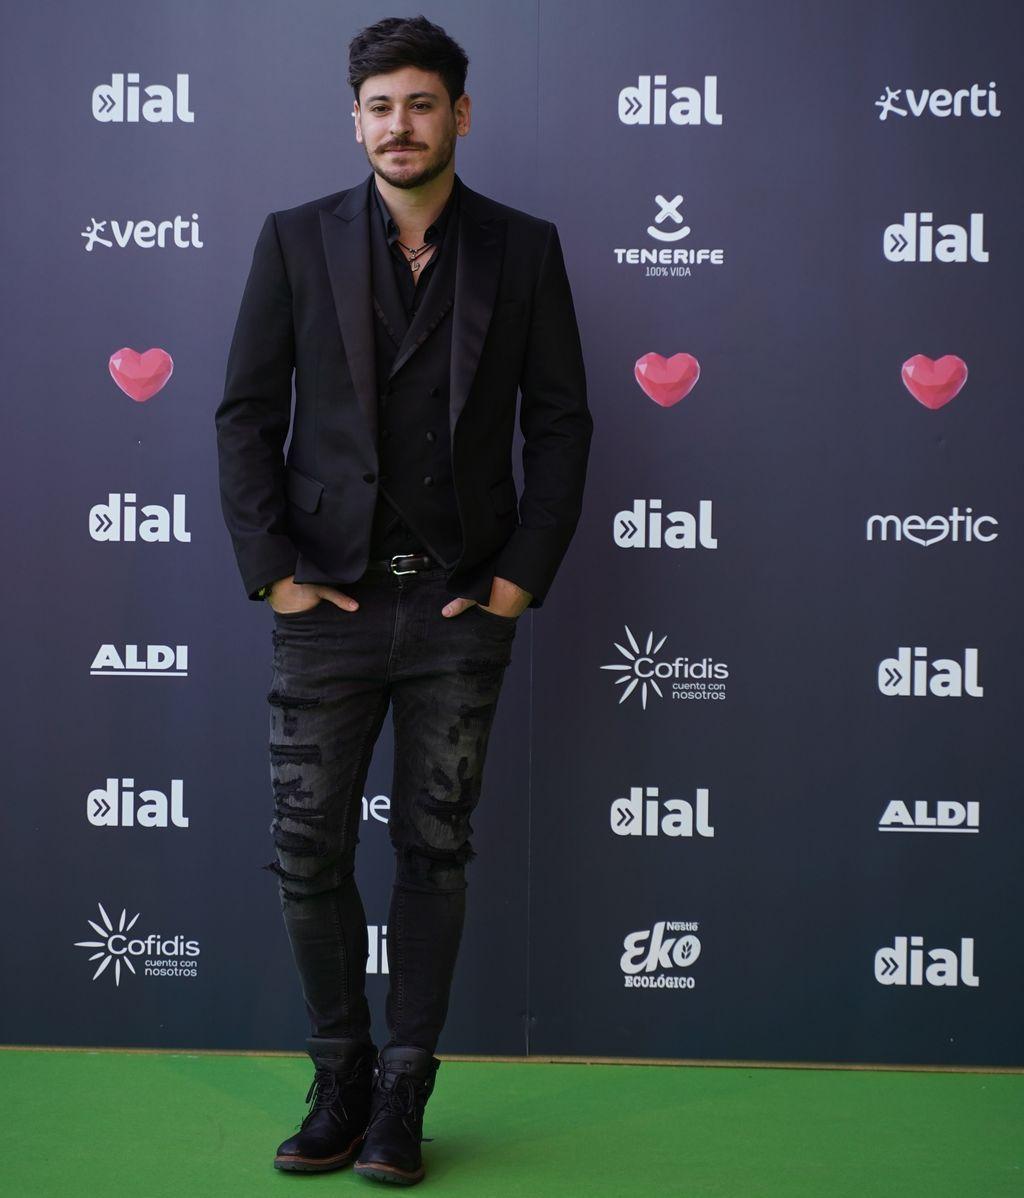 Luis Cepeda combinando chaqueta formal y pantalones con rotos